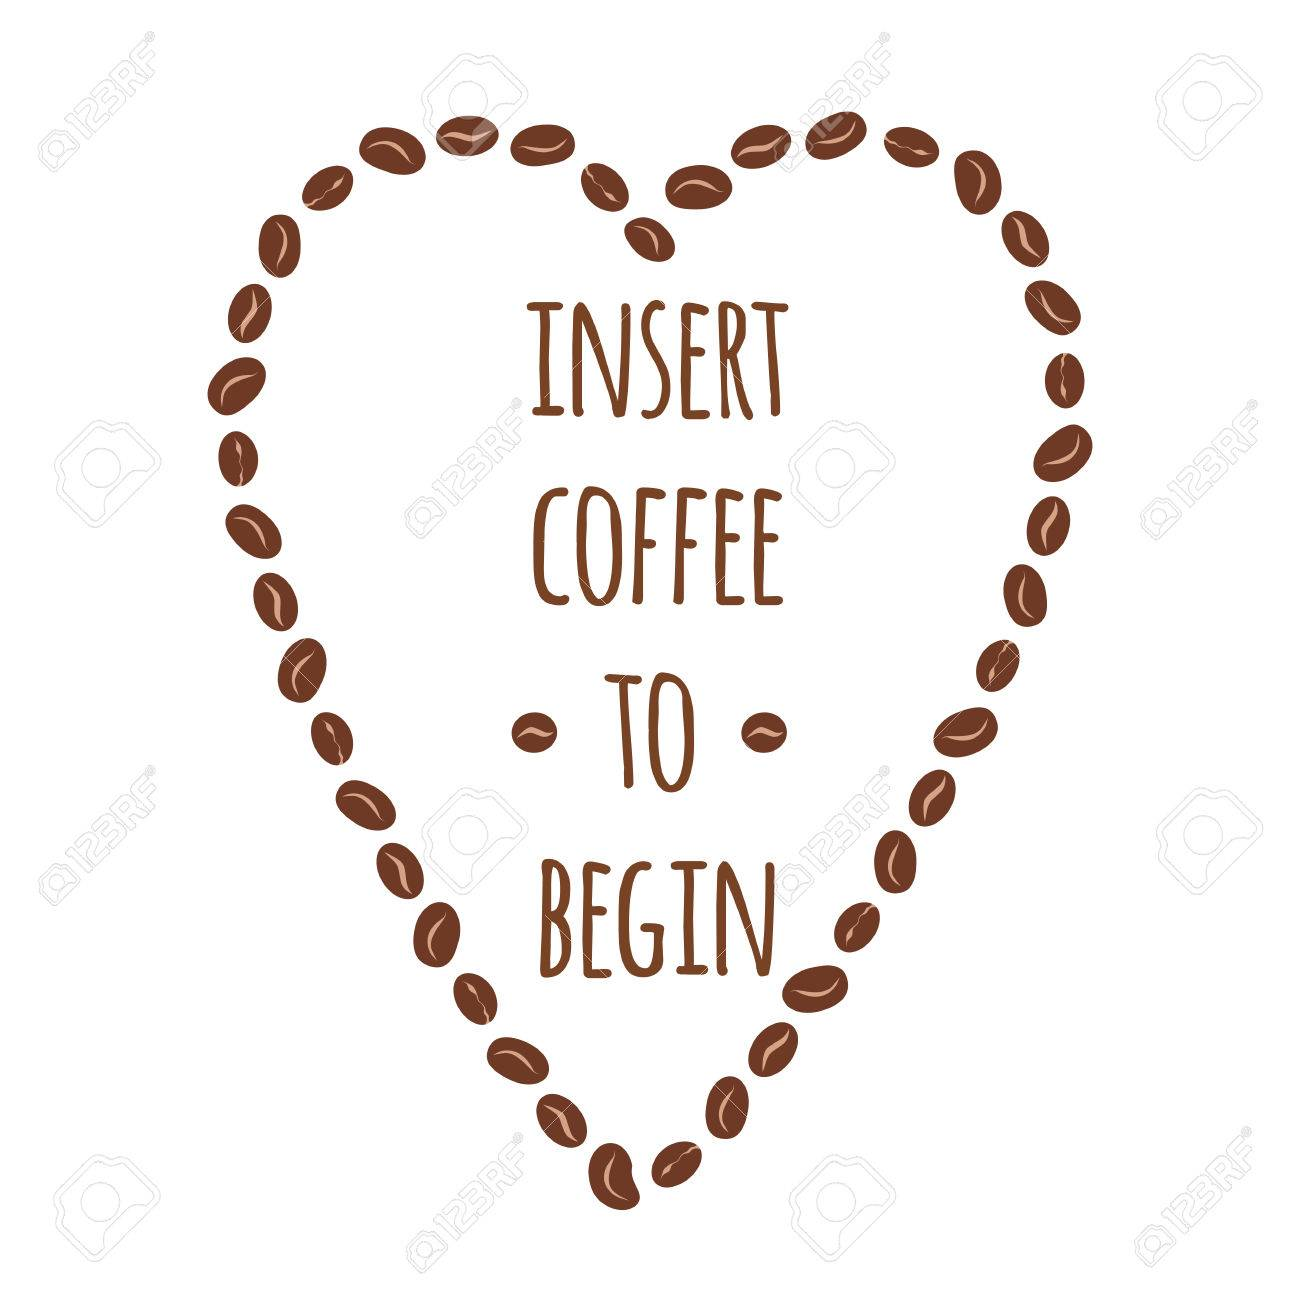 Cafe Isert Para Comecar Bandeira Tipografica Com Frase